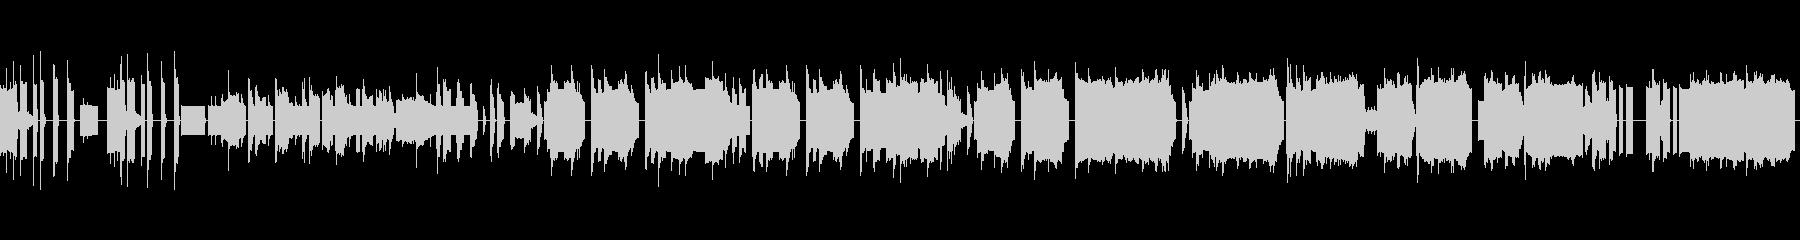 チップチューン演歌(リズム改変ループ版)の未再生の波形